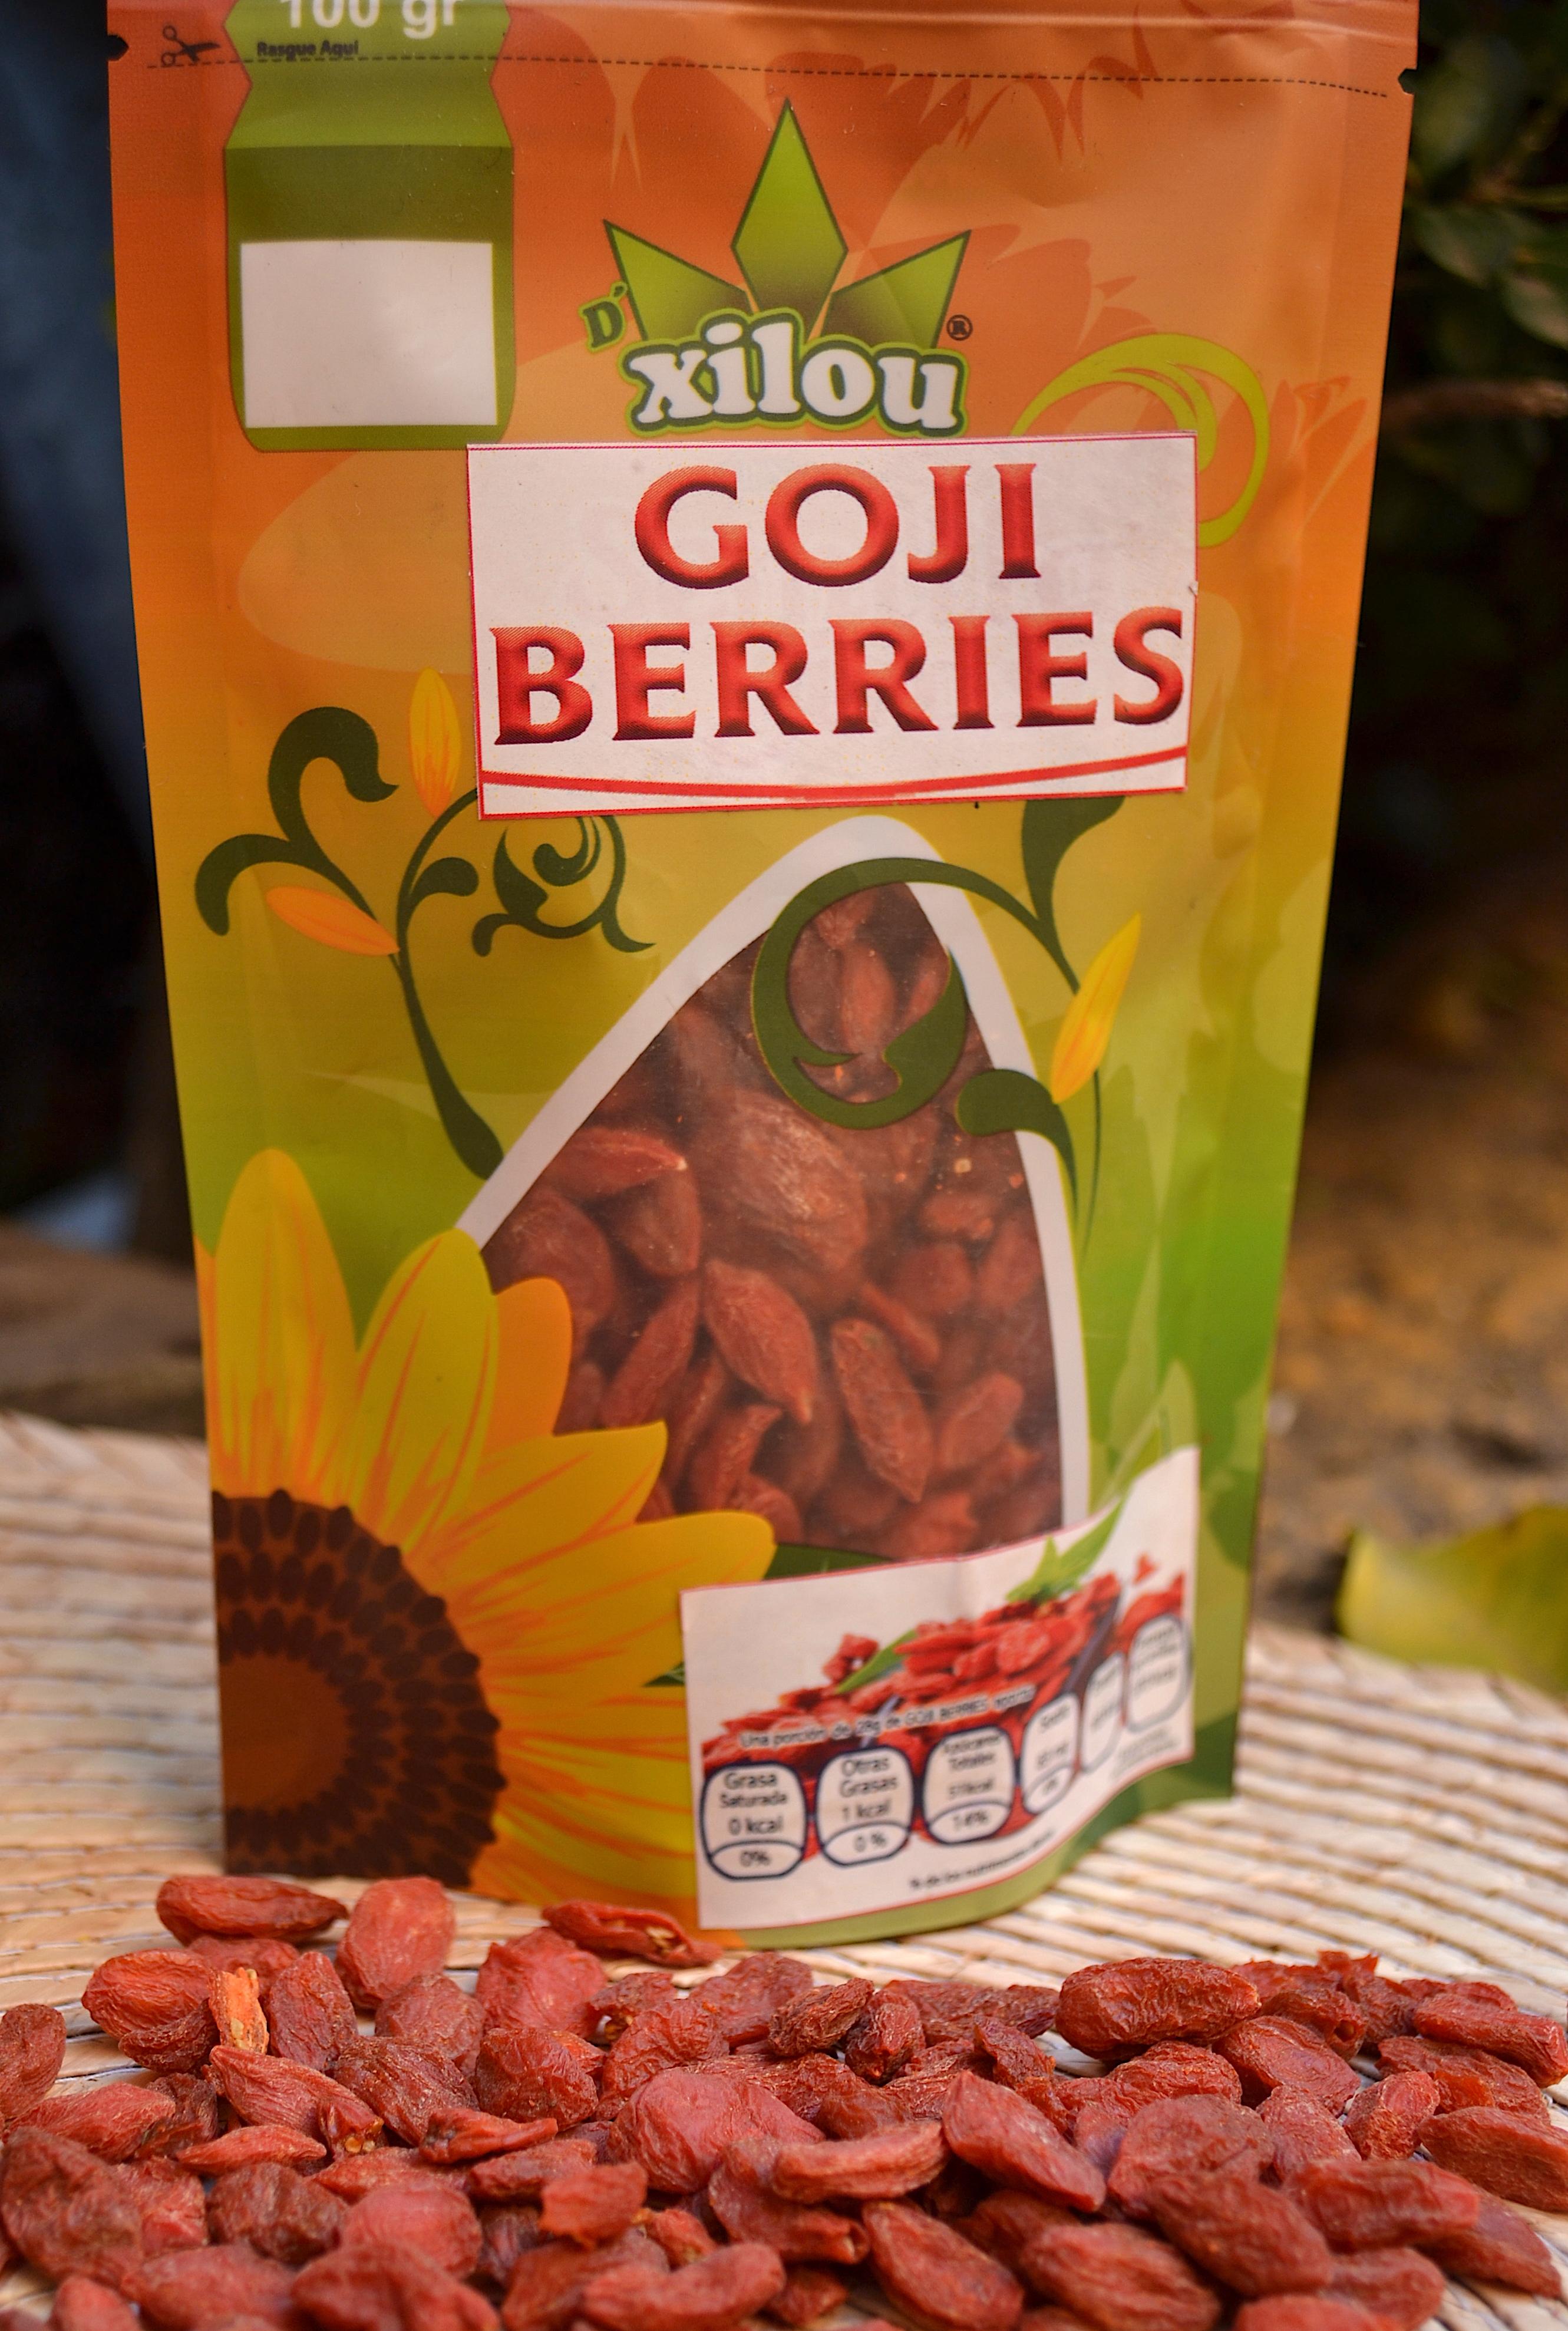 Goji Berries 100g.